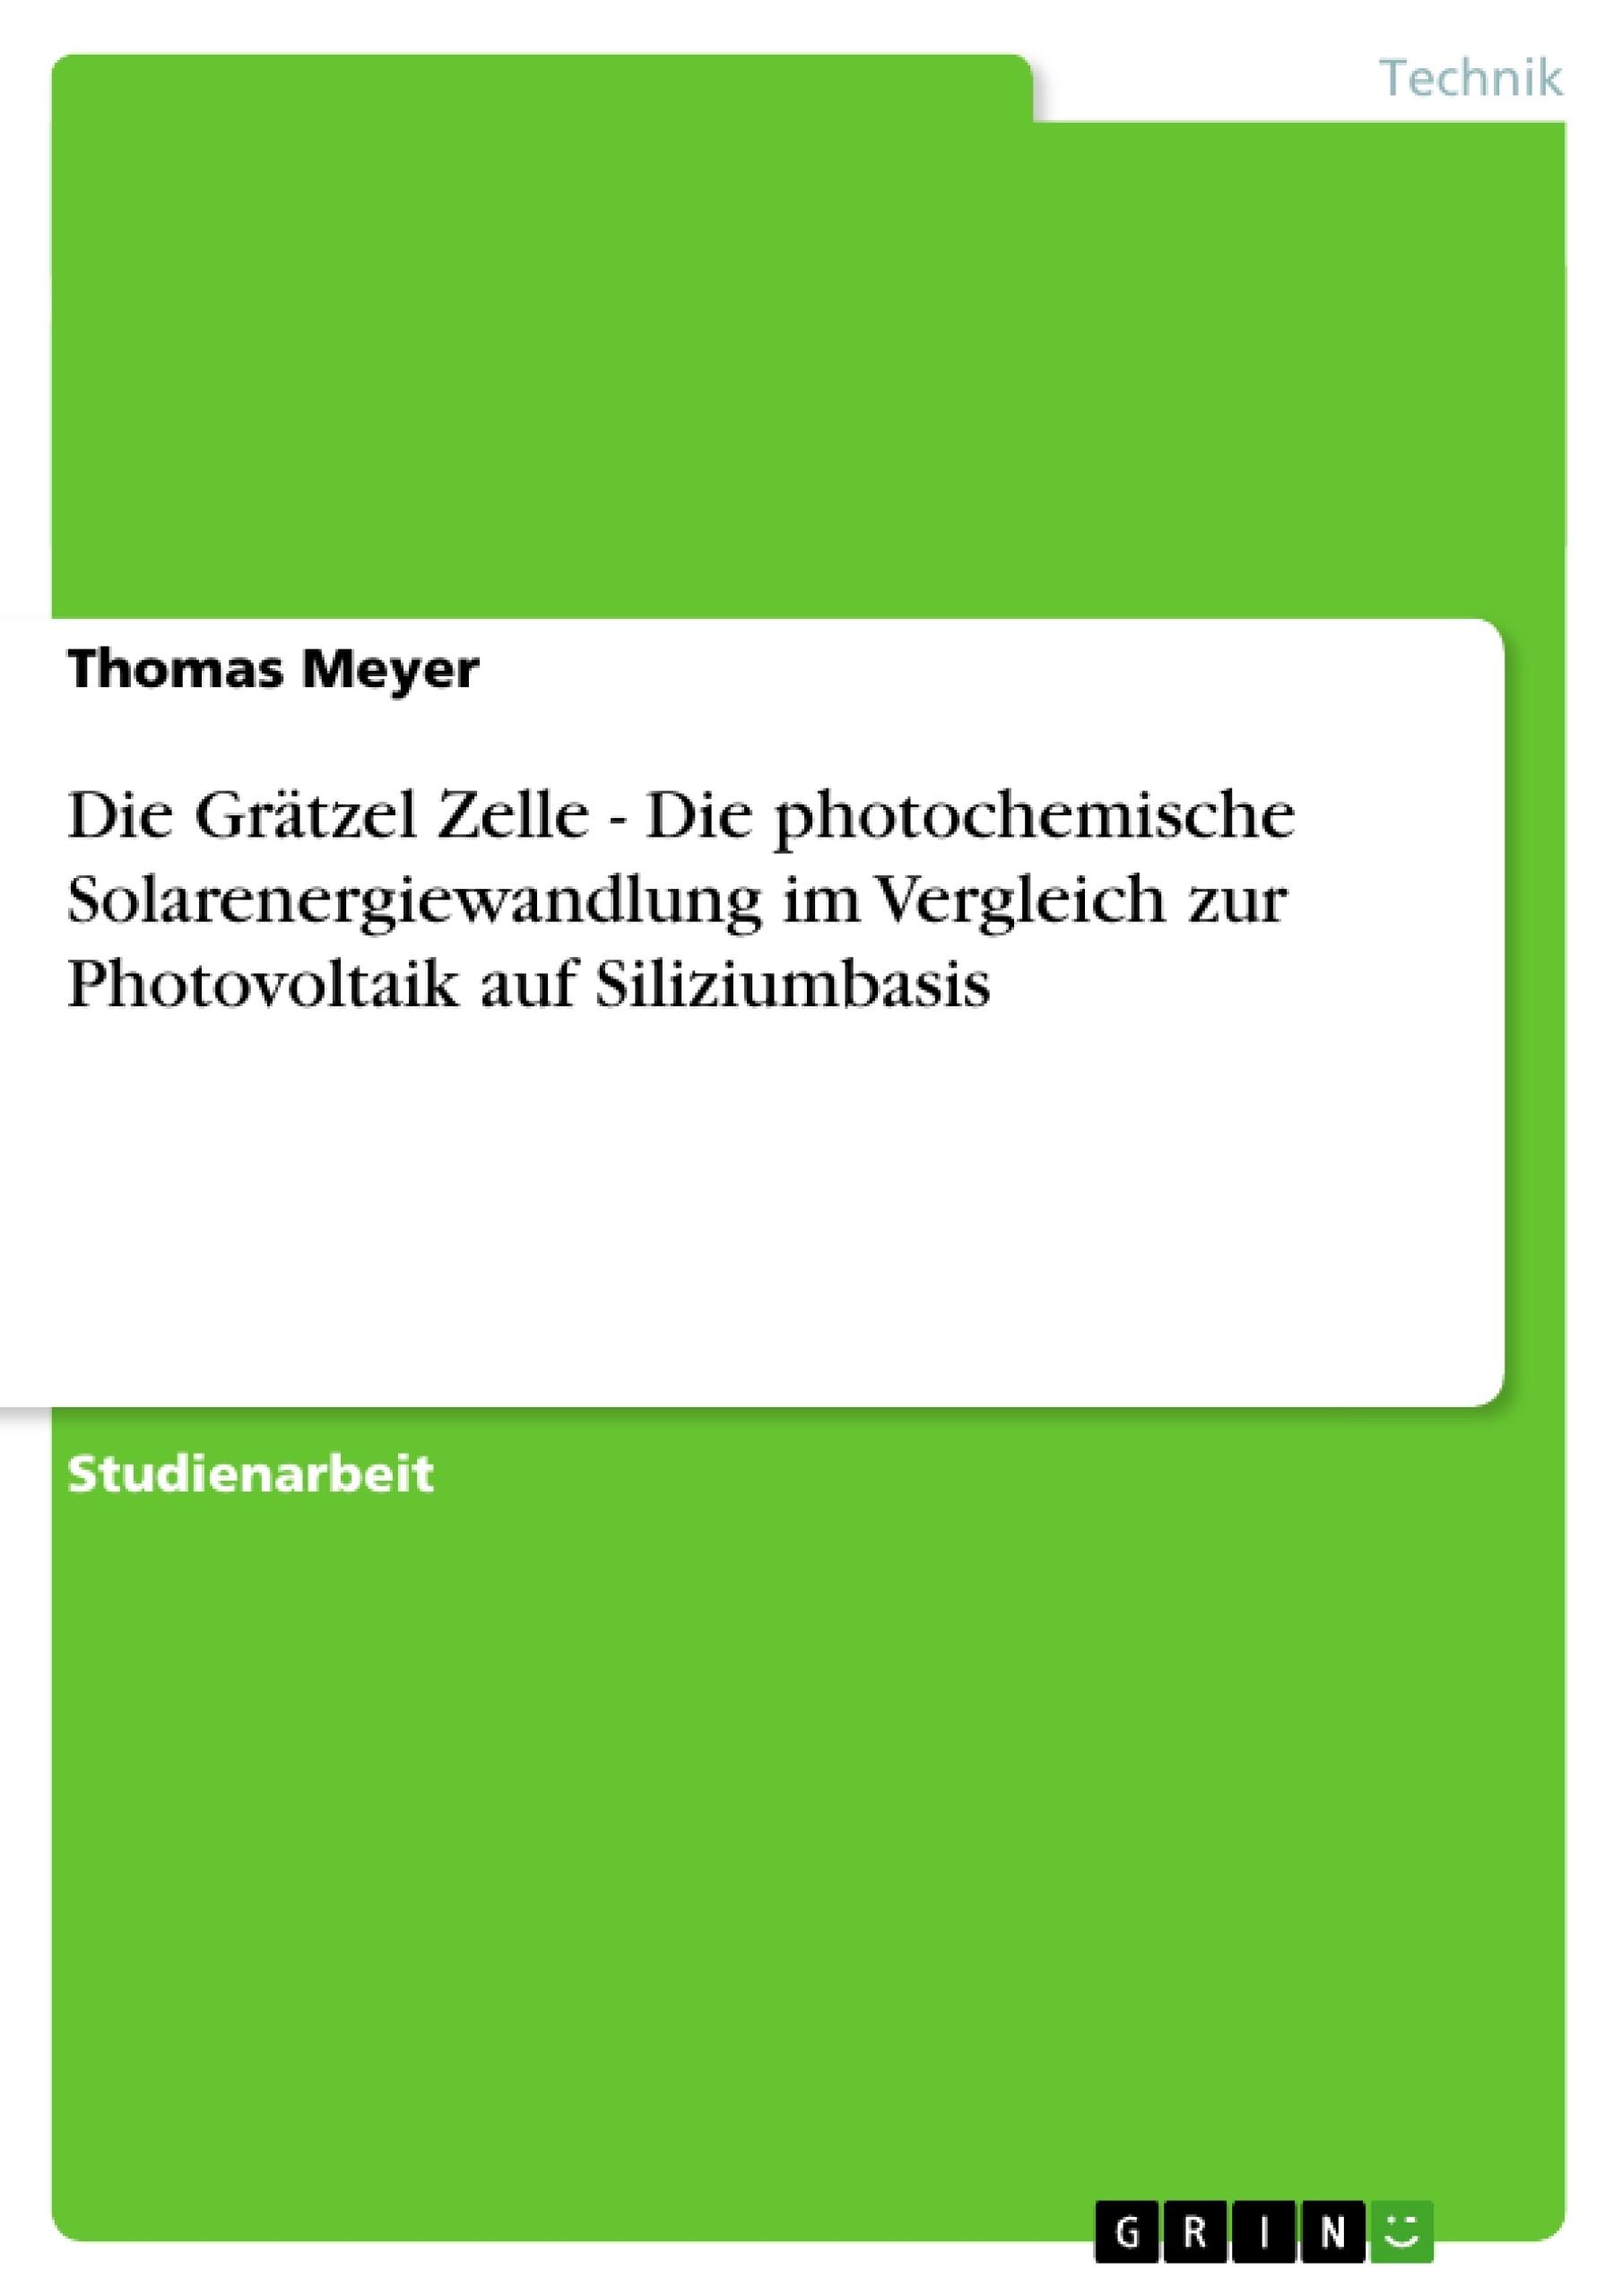 Titel: Die Grätzel-Zelle. Die photochemische Solarenergiewandlung im Vergleich zur Photovoltaik auf Siliziumbasis